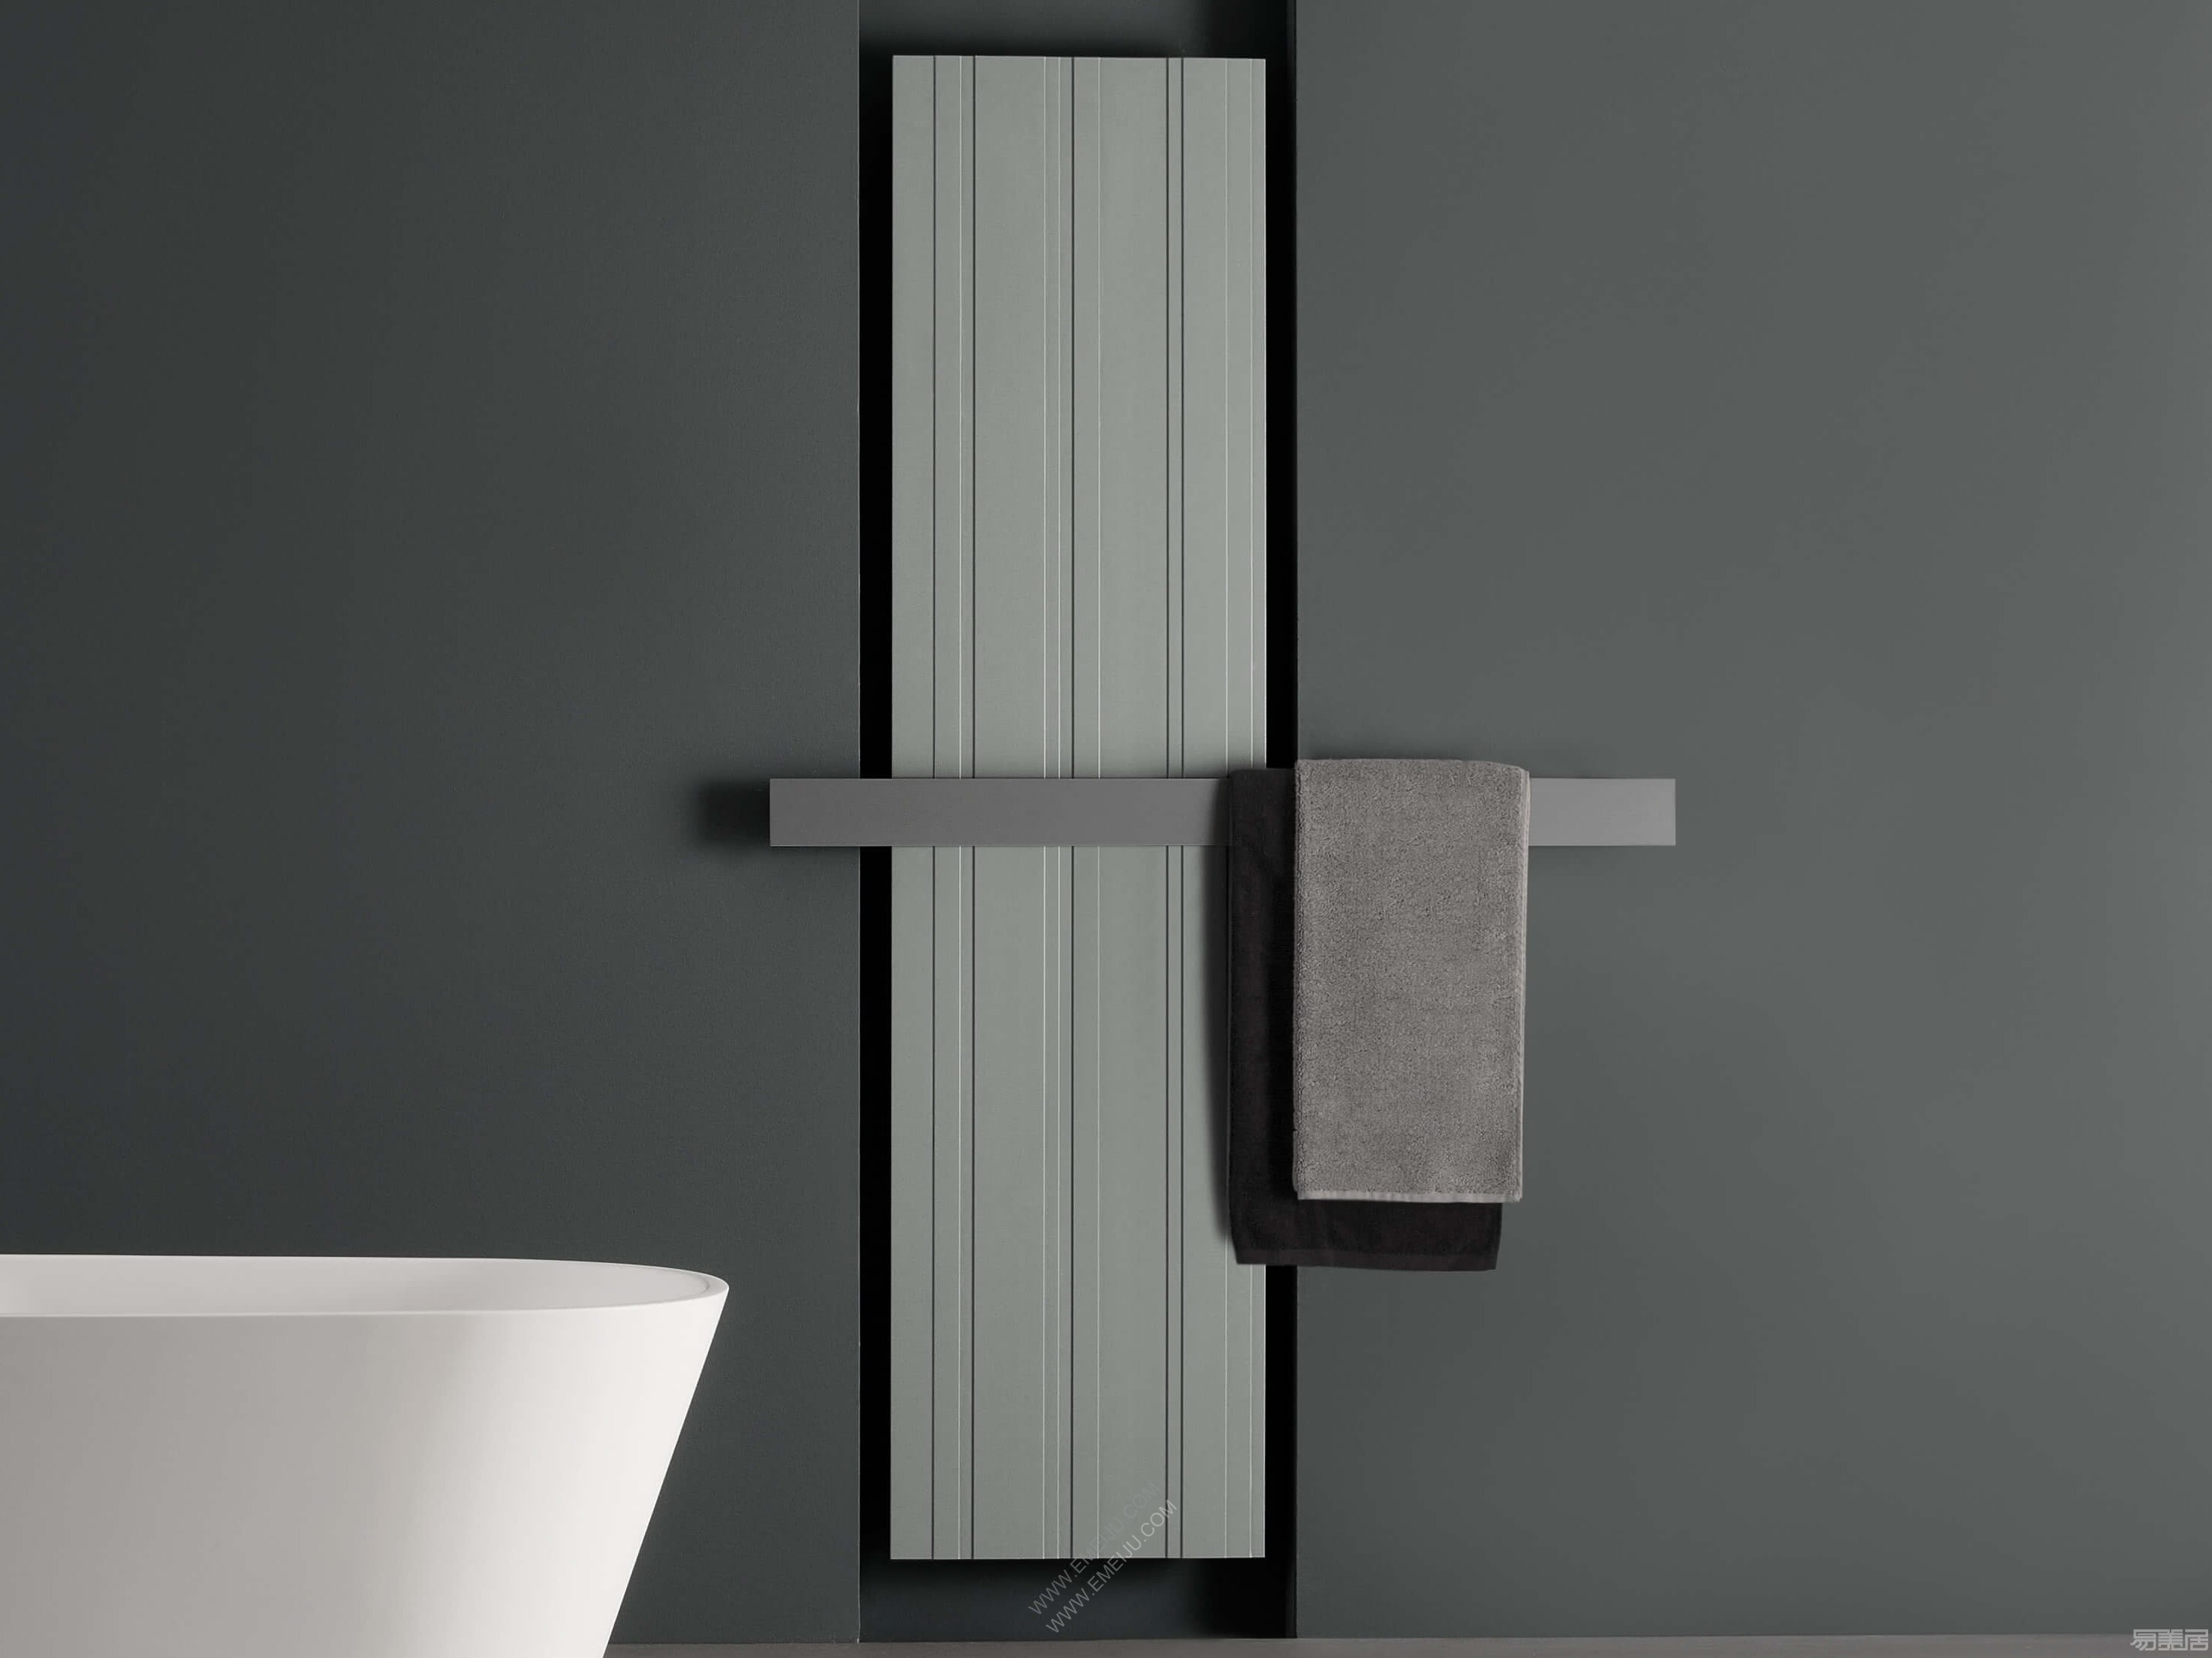 BIT-Antonio-Lupi-Design-105992-rel33e4d937.jpg